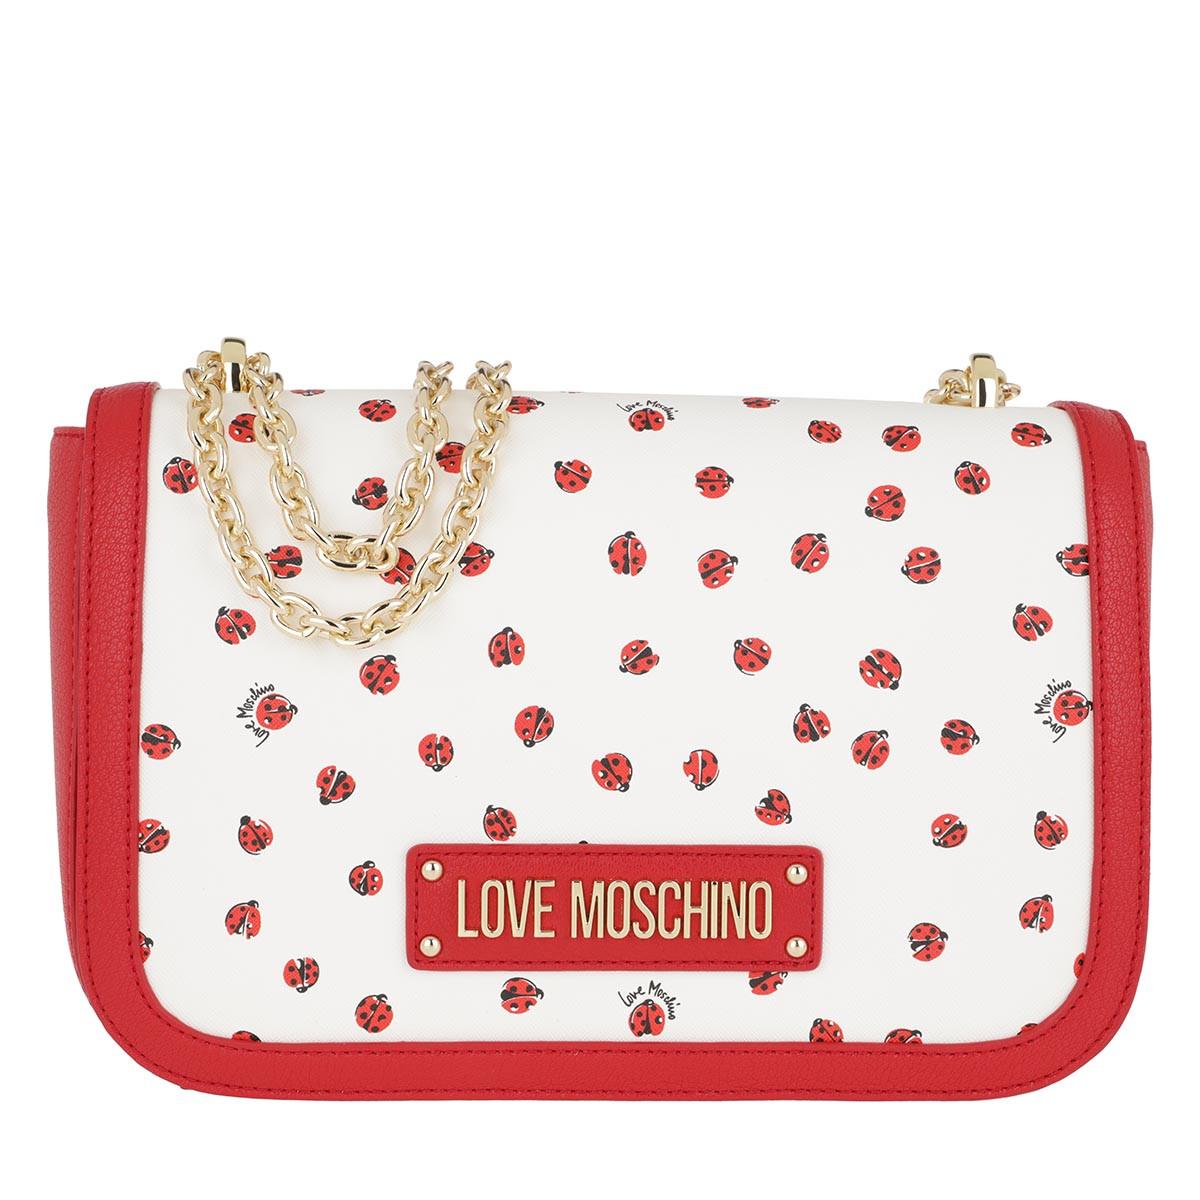 Love Moschino Umhängetasche - Printed Bag Ros - in rot - für Damen